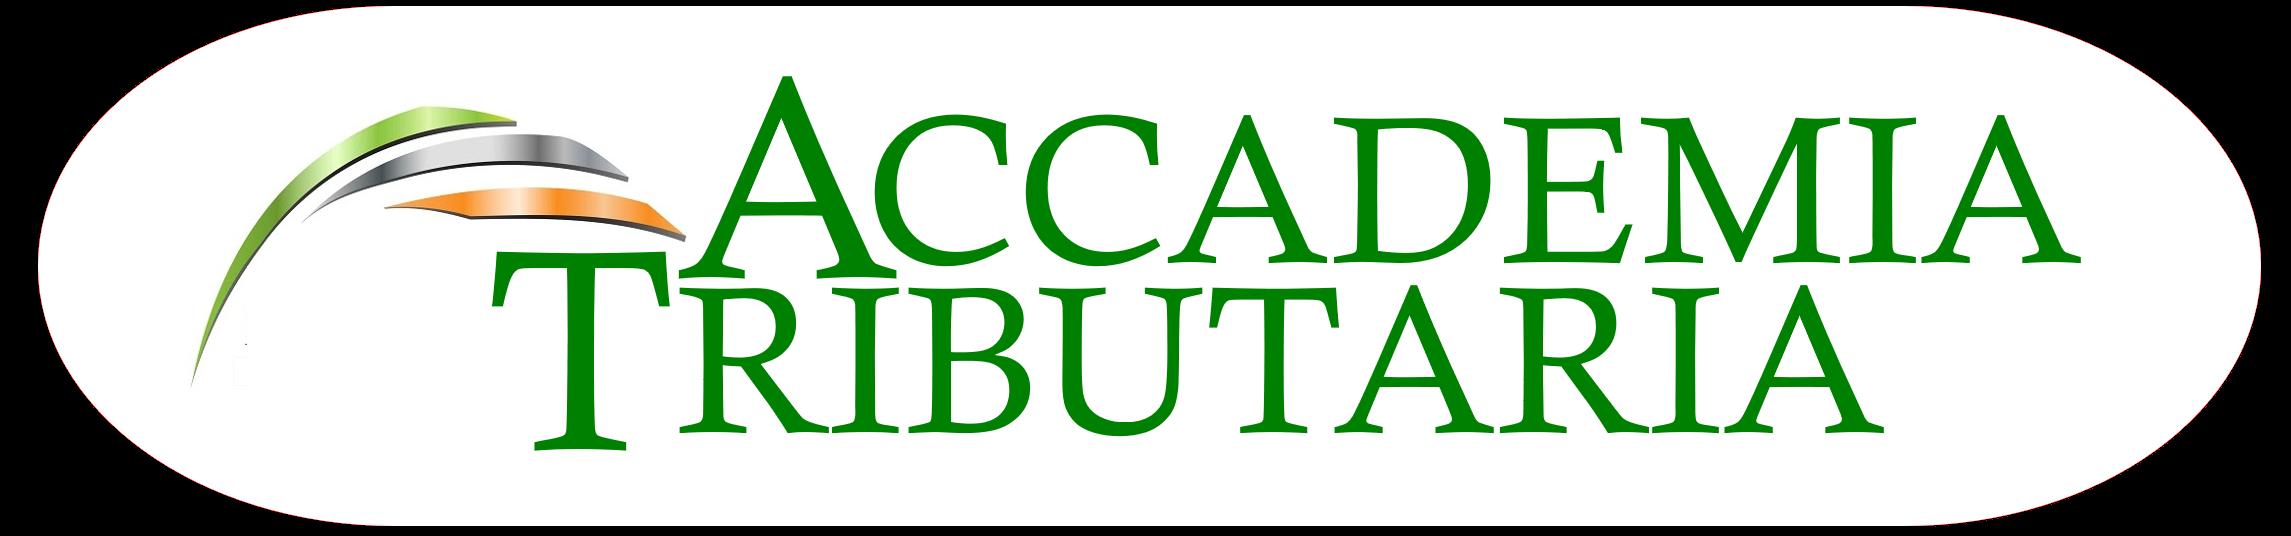 Accademia Tributaria